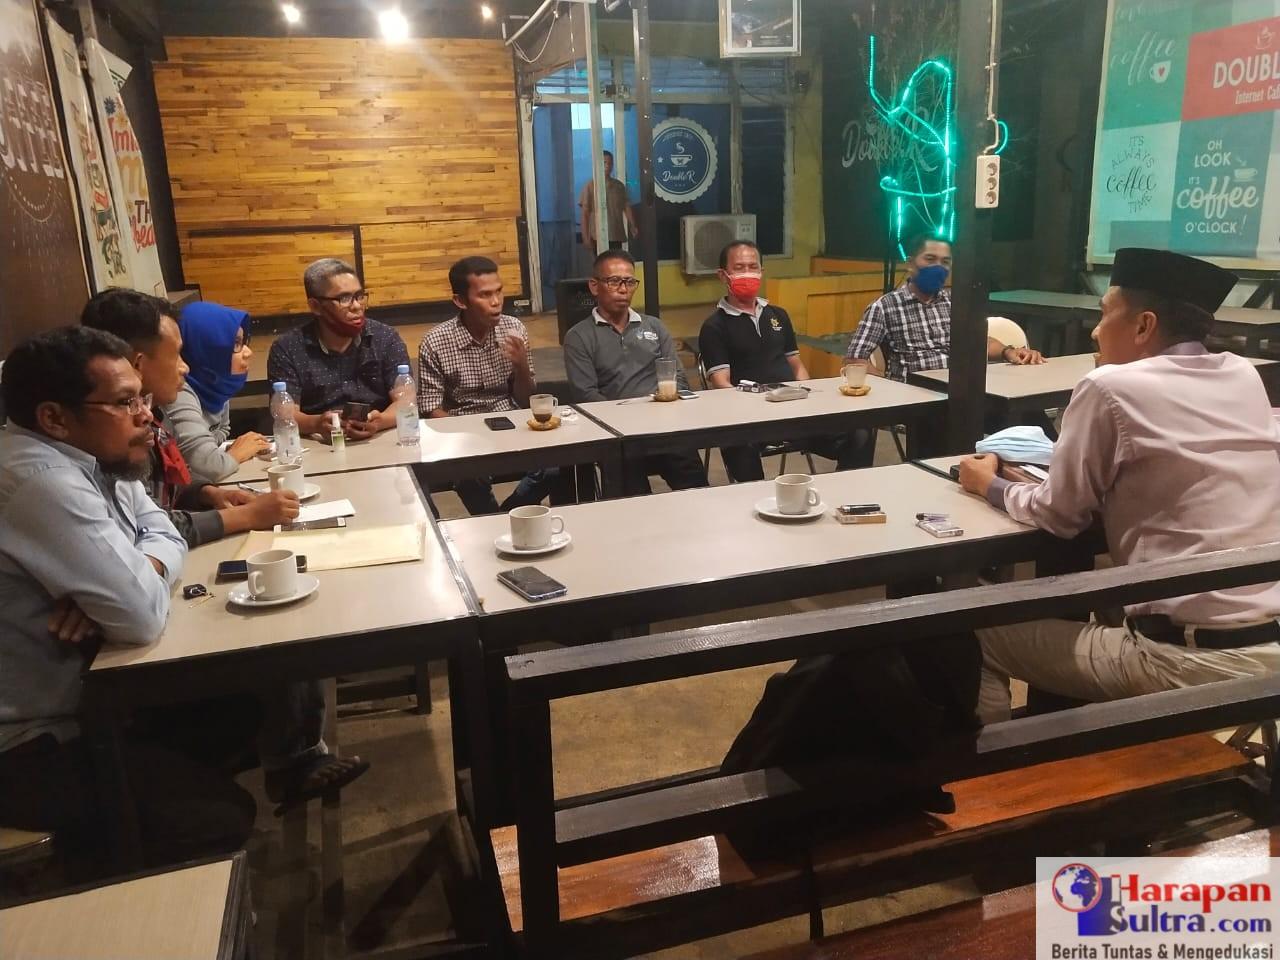 Pemerintah Kecamatan Batuatas saat menggelar Rapat Koordinasi dalam rangka Pembahasan tahapan Penyusunan Rencana Kerja pembangunan Desa (RKP DEsa) Tahun Anggaran 2021.